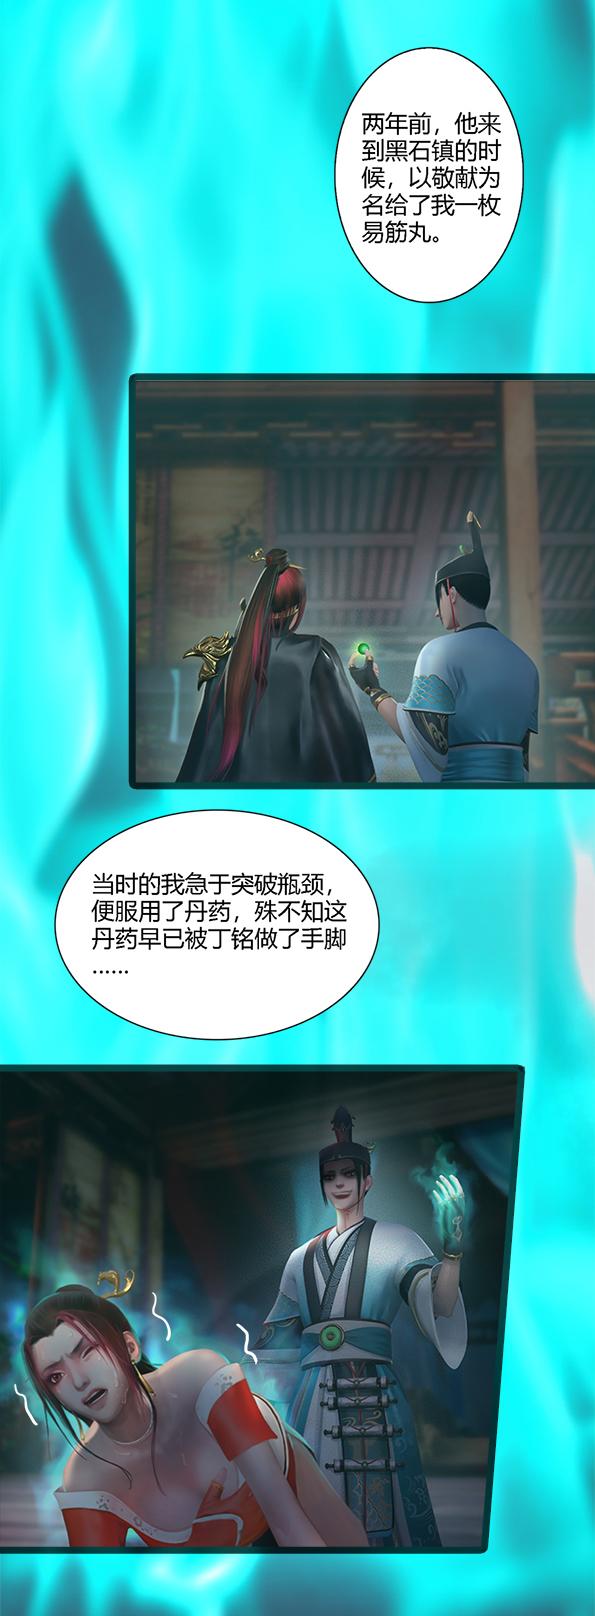 《堕玄师》第11话:沈燃与丁铭背后的神秘交易曝光!为了突破修炼,沈燃小姐姐献出了......